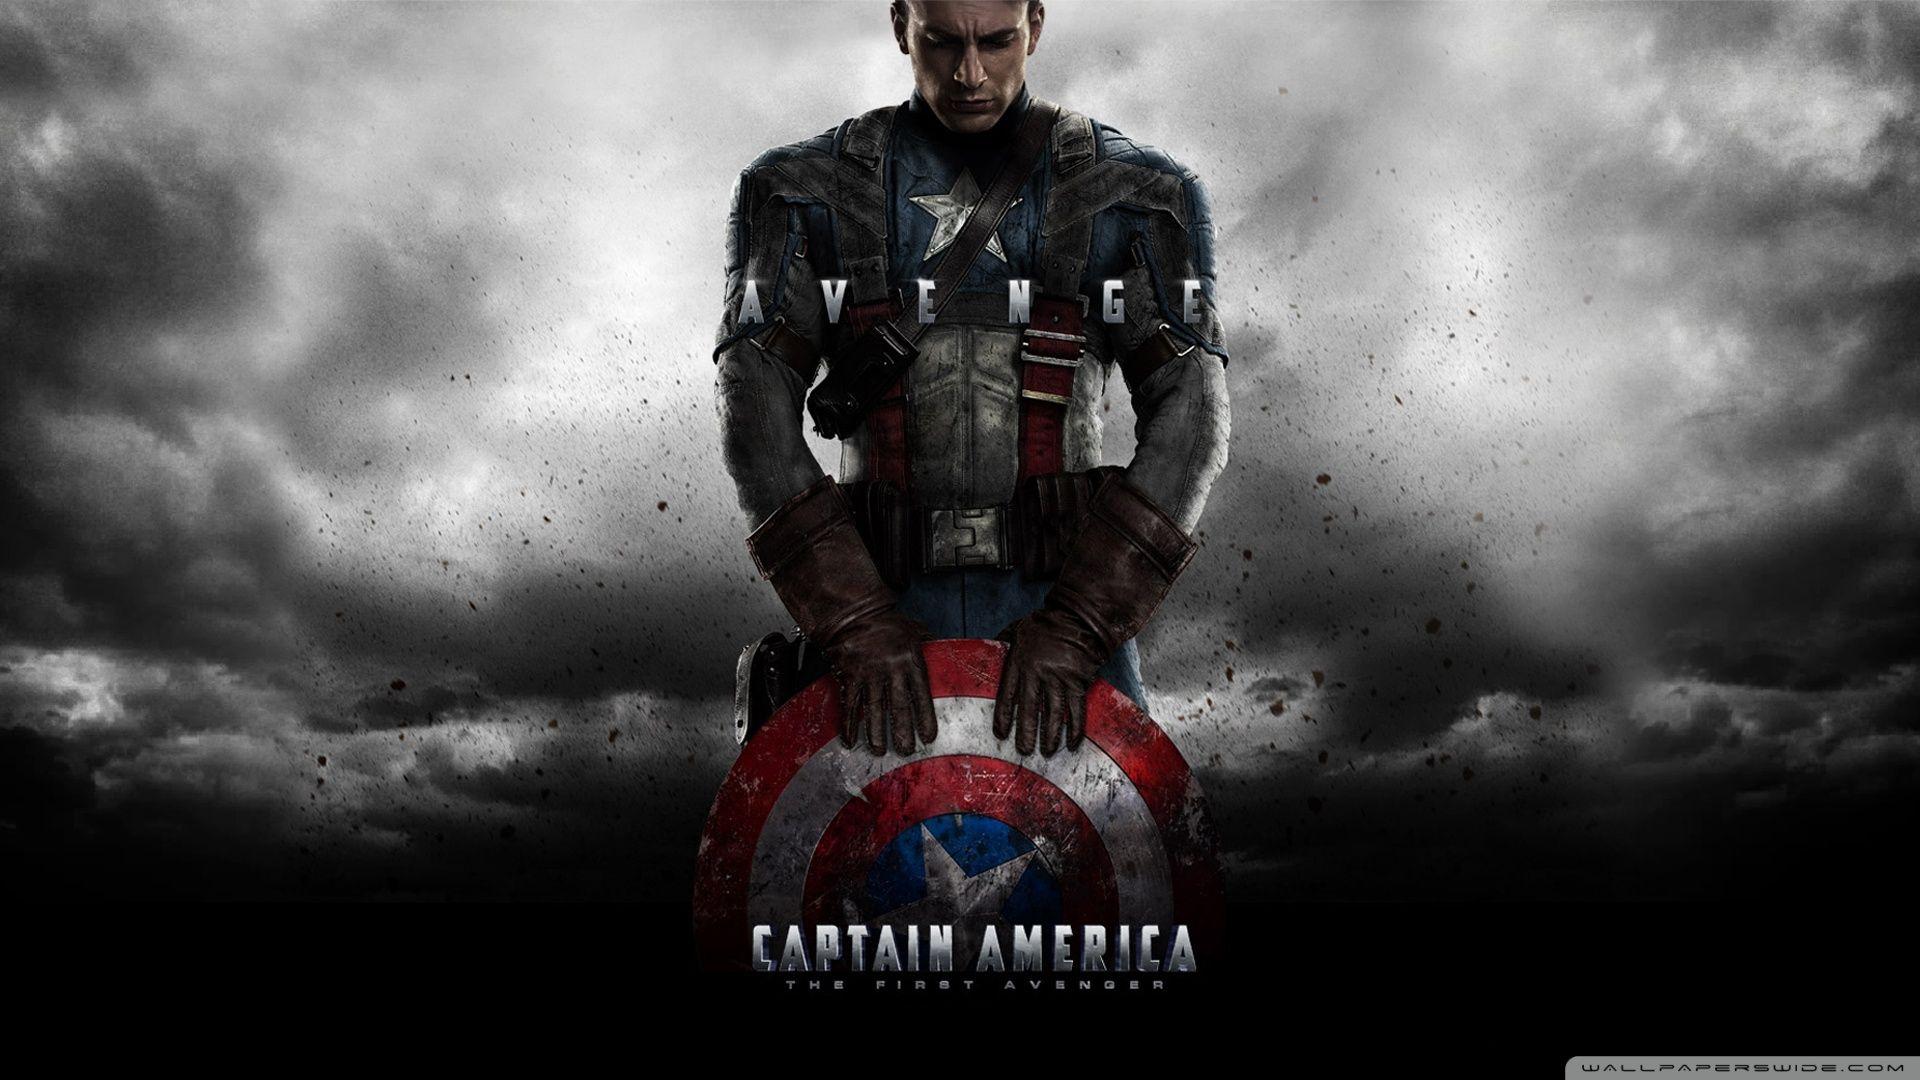 Captain America Wallpapers 1920x1080 WallpaperSafari